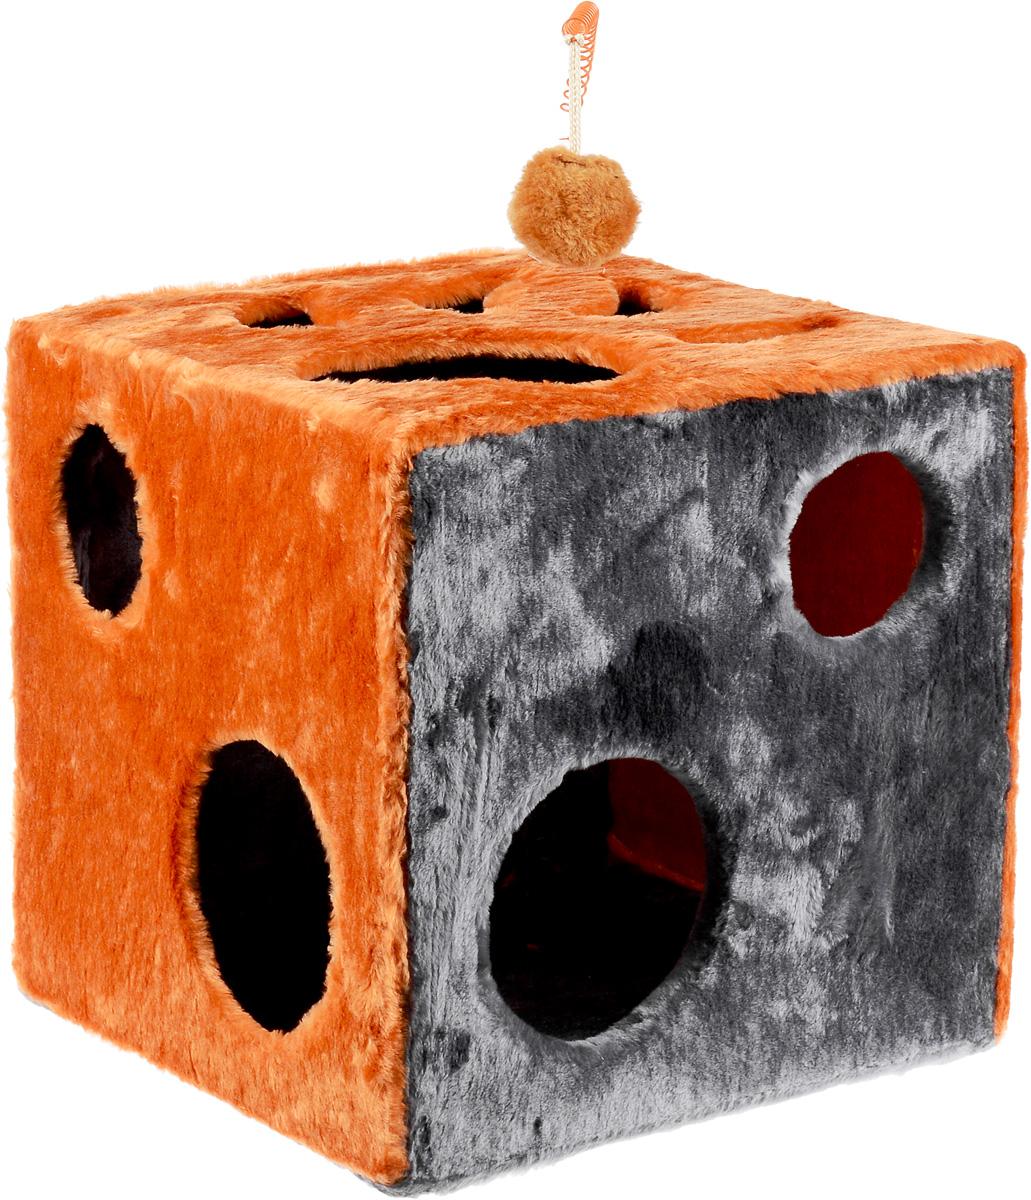 Домик для кошек ЗооМарк Кубик с лапкой, с игрушкой, цвет: оранжевый, серый, 42 х 42 х 42 см104_оранжевый, серыйДомик ЗооМарк Кубик с лапкой непременно станет любимым местом отдыха вашего домашнего животного. Он изготовлен из высококачественного дерева и обтянут искусственным мехом. Домик оформлен крупными отверстиями в виде лапы животного и кружков.Оригинальный домик для животных - отличное место, чтобы спрятаться. Также там можнохранить свои охотничьи трофеи. Сверху расположена игрушка на пружине.